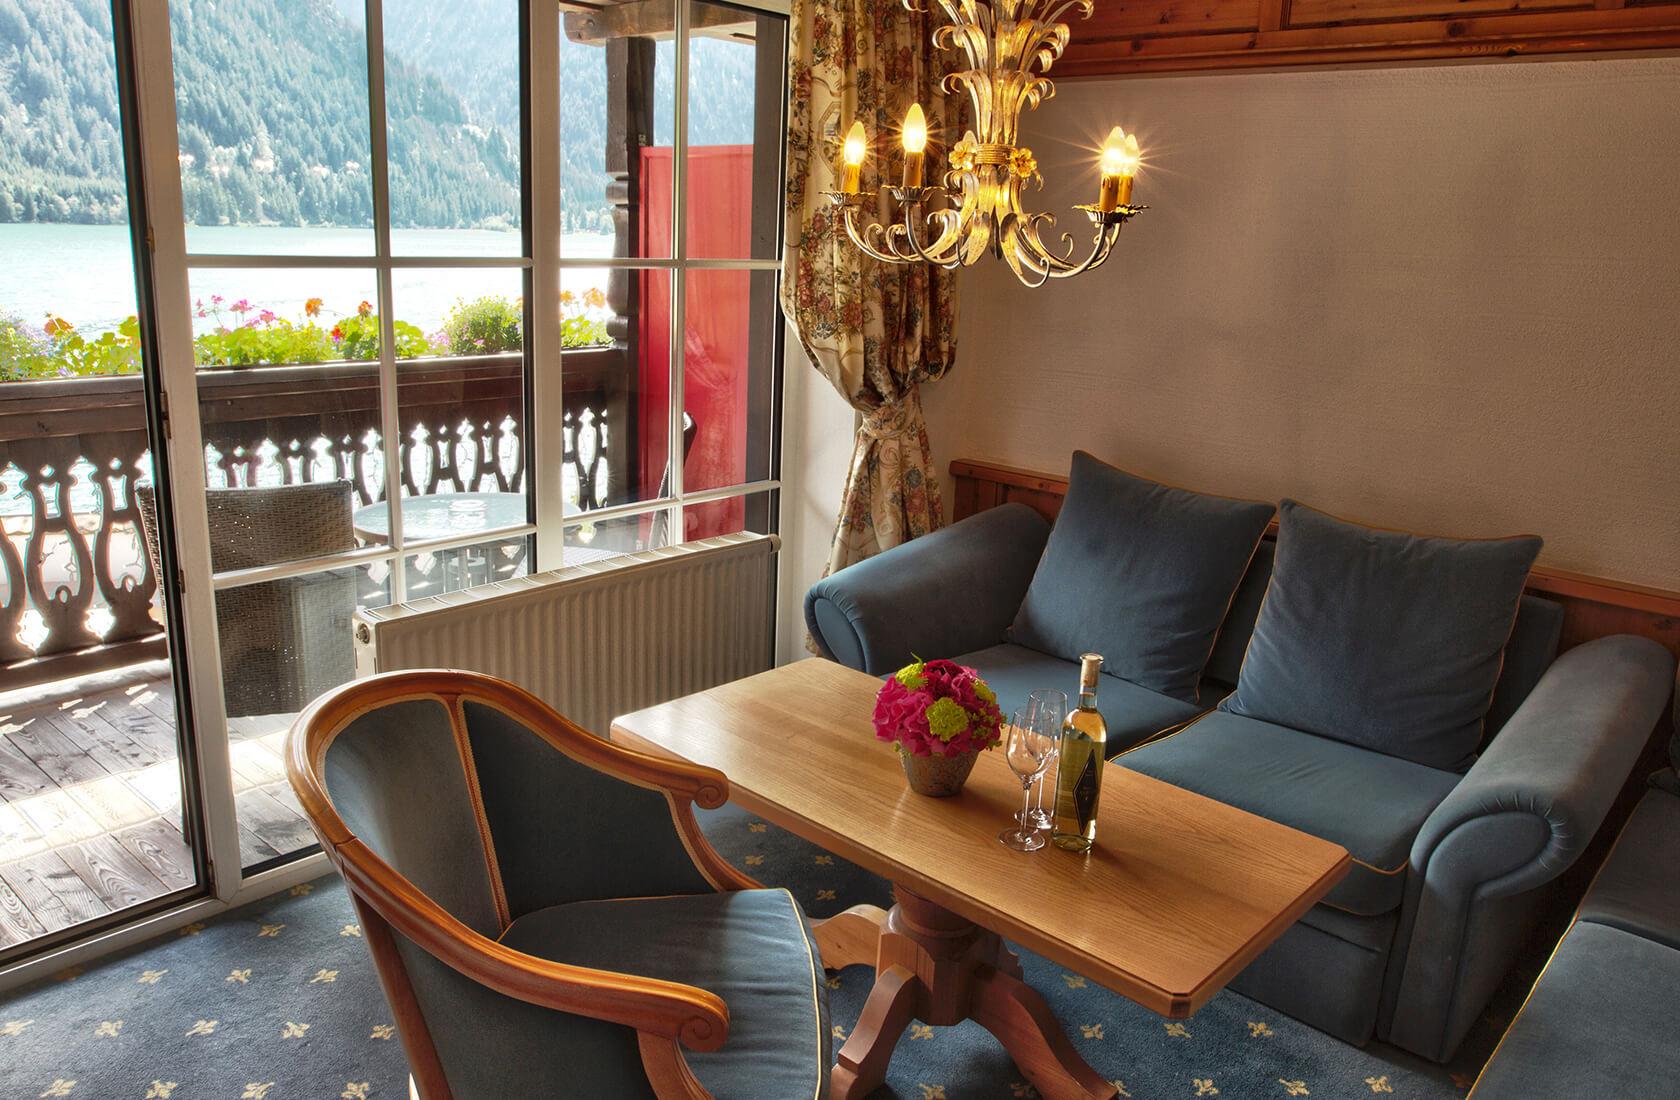 Wohnzimmer mit Wohlfühlatmosphäre - Seeblickzimmer Lago